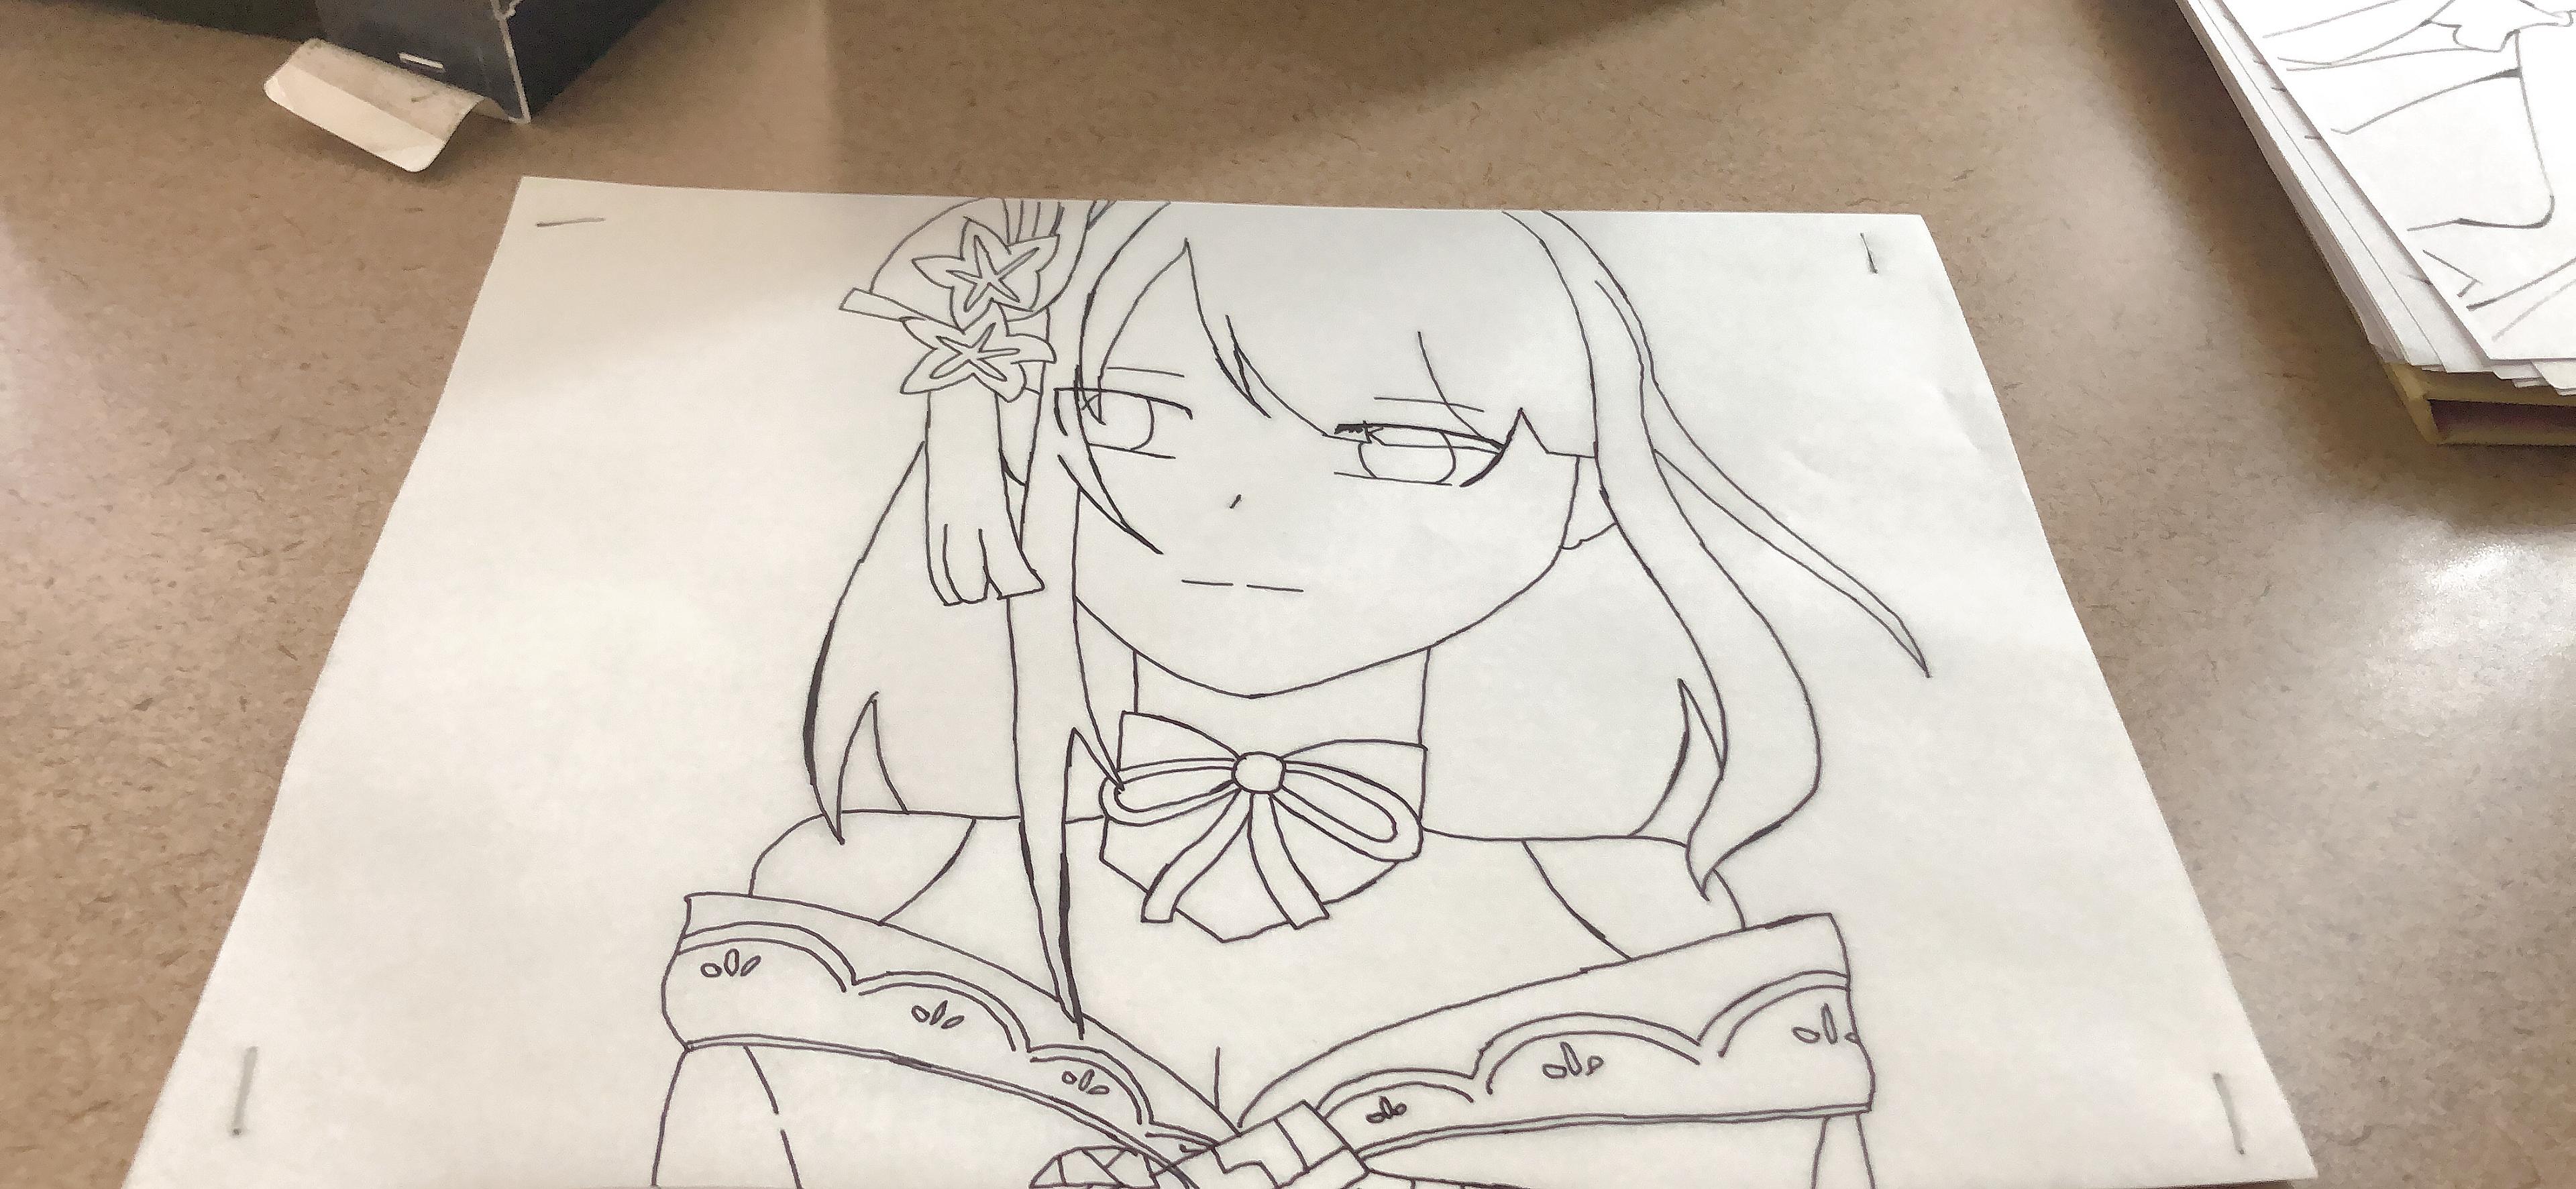 动漫手绘画!!!!!!!!!!!!!!! 12